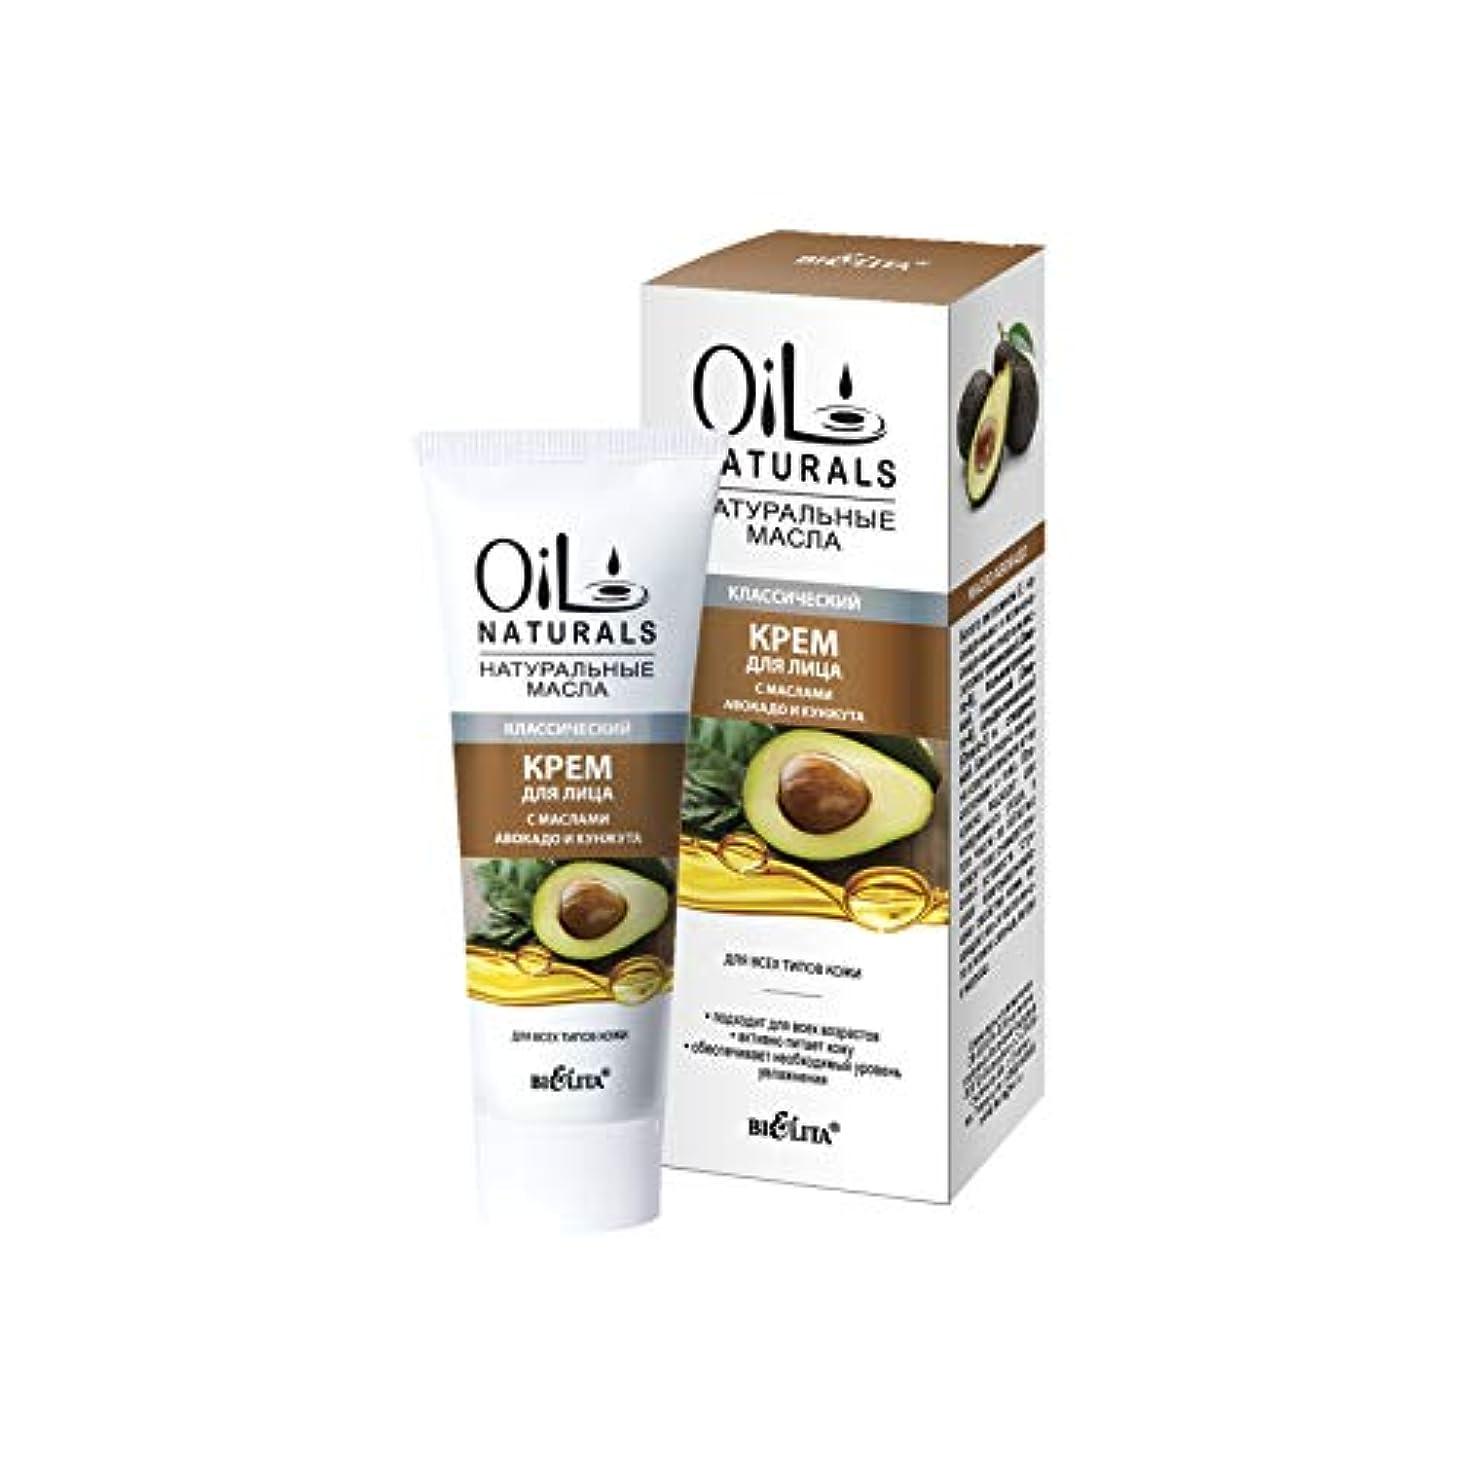 評価する雄弁な短くするBielita & Vitex  Oil Naturals Line   Classic Moisturizing Face Cream, for All Skin Types, 50 ml   Avocado Oil,...